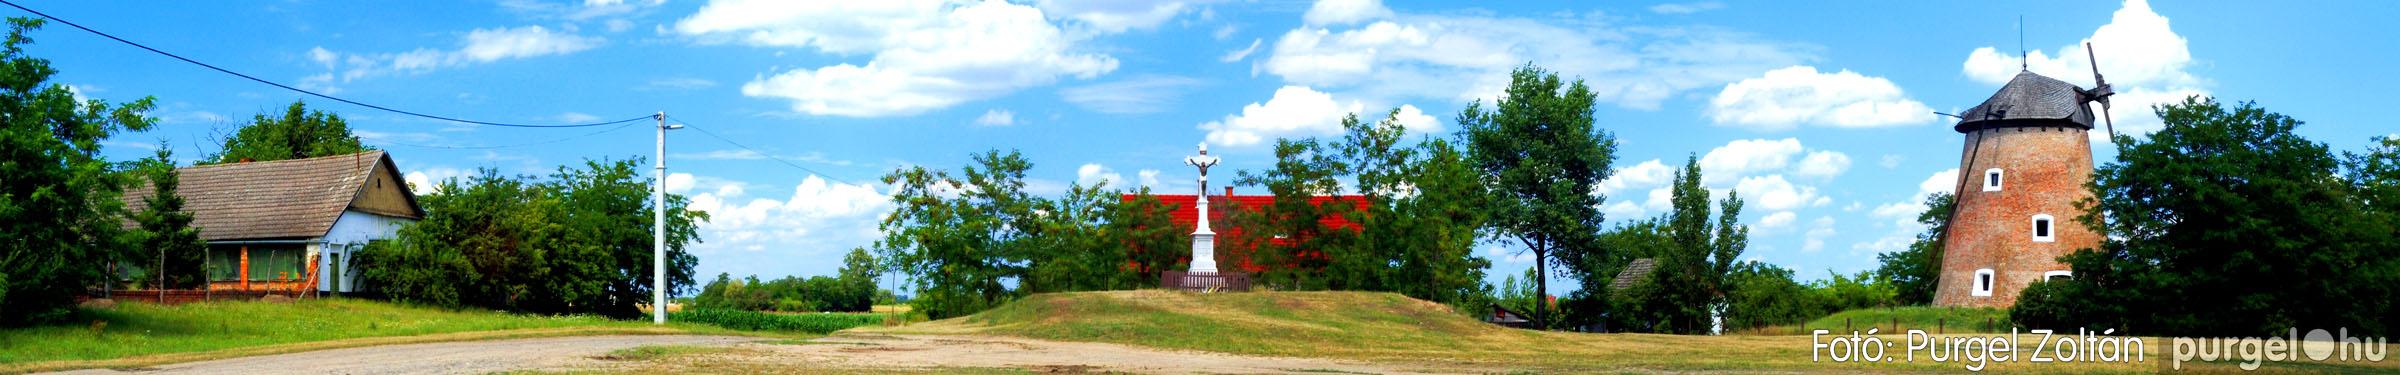 040 Örök pillanatok fotókiállításom képei - Szélmalom panoráma · Windmill panorama - Fotó:PURGEL ZOLTÁN©.jpg